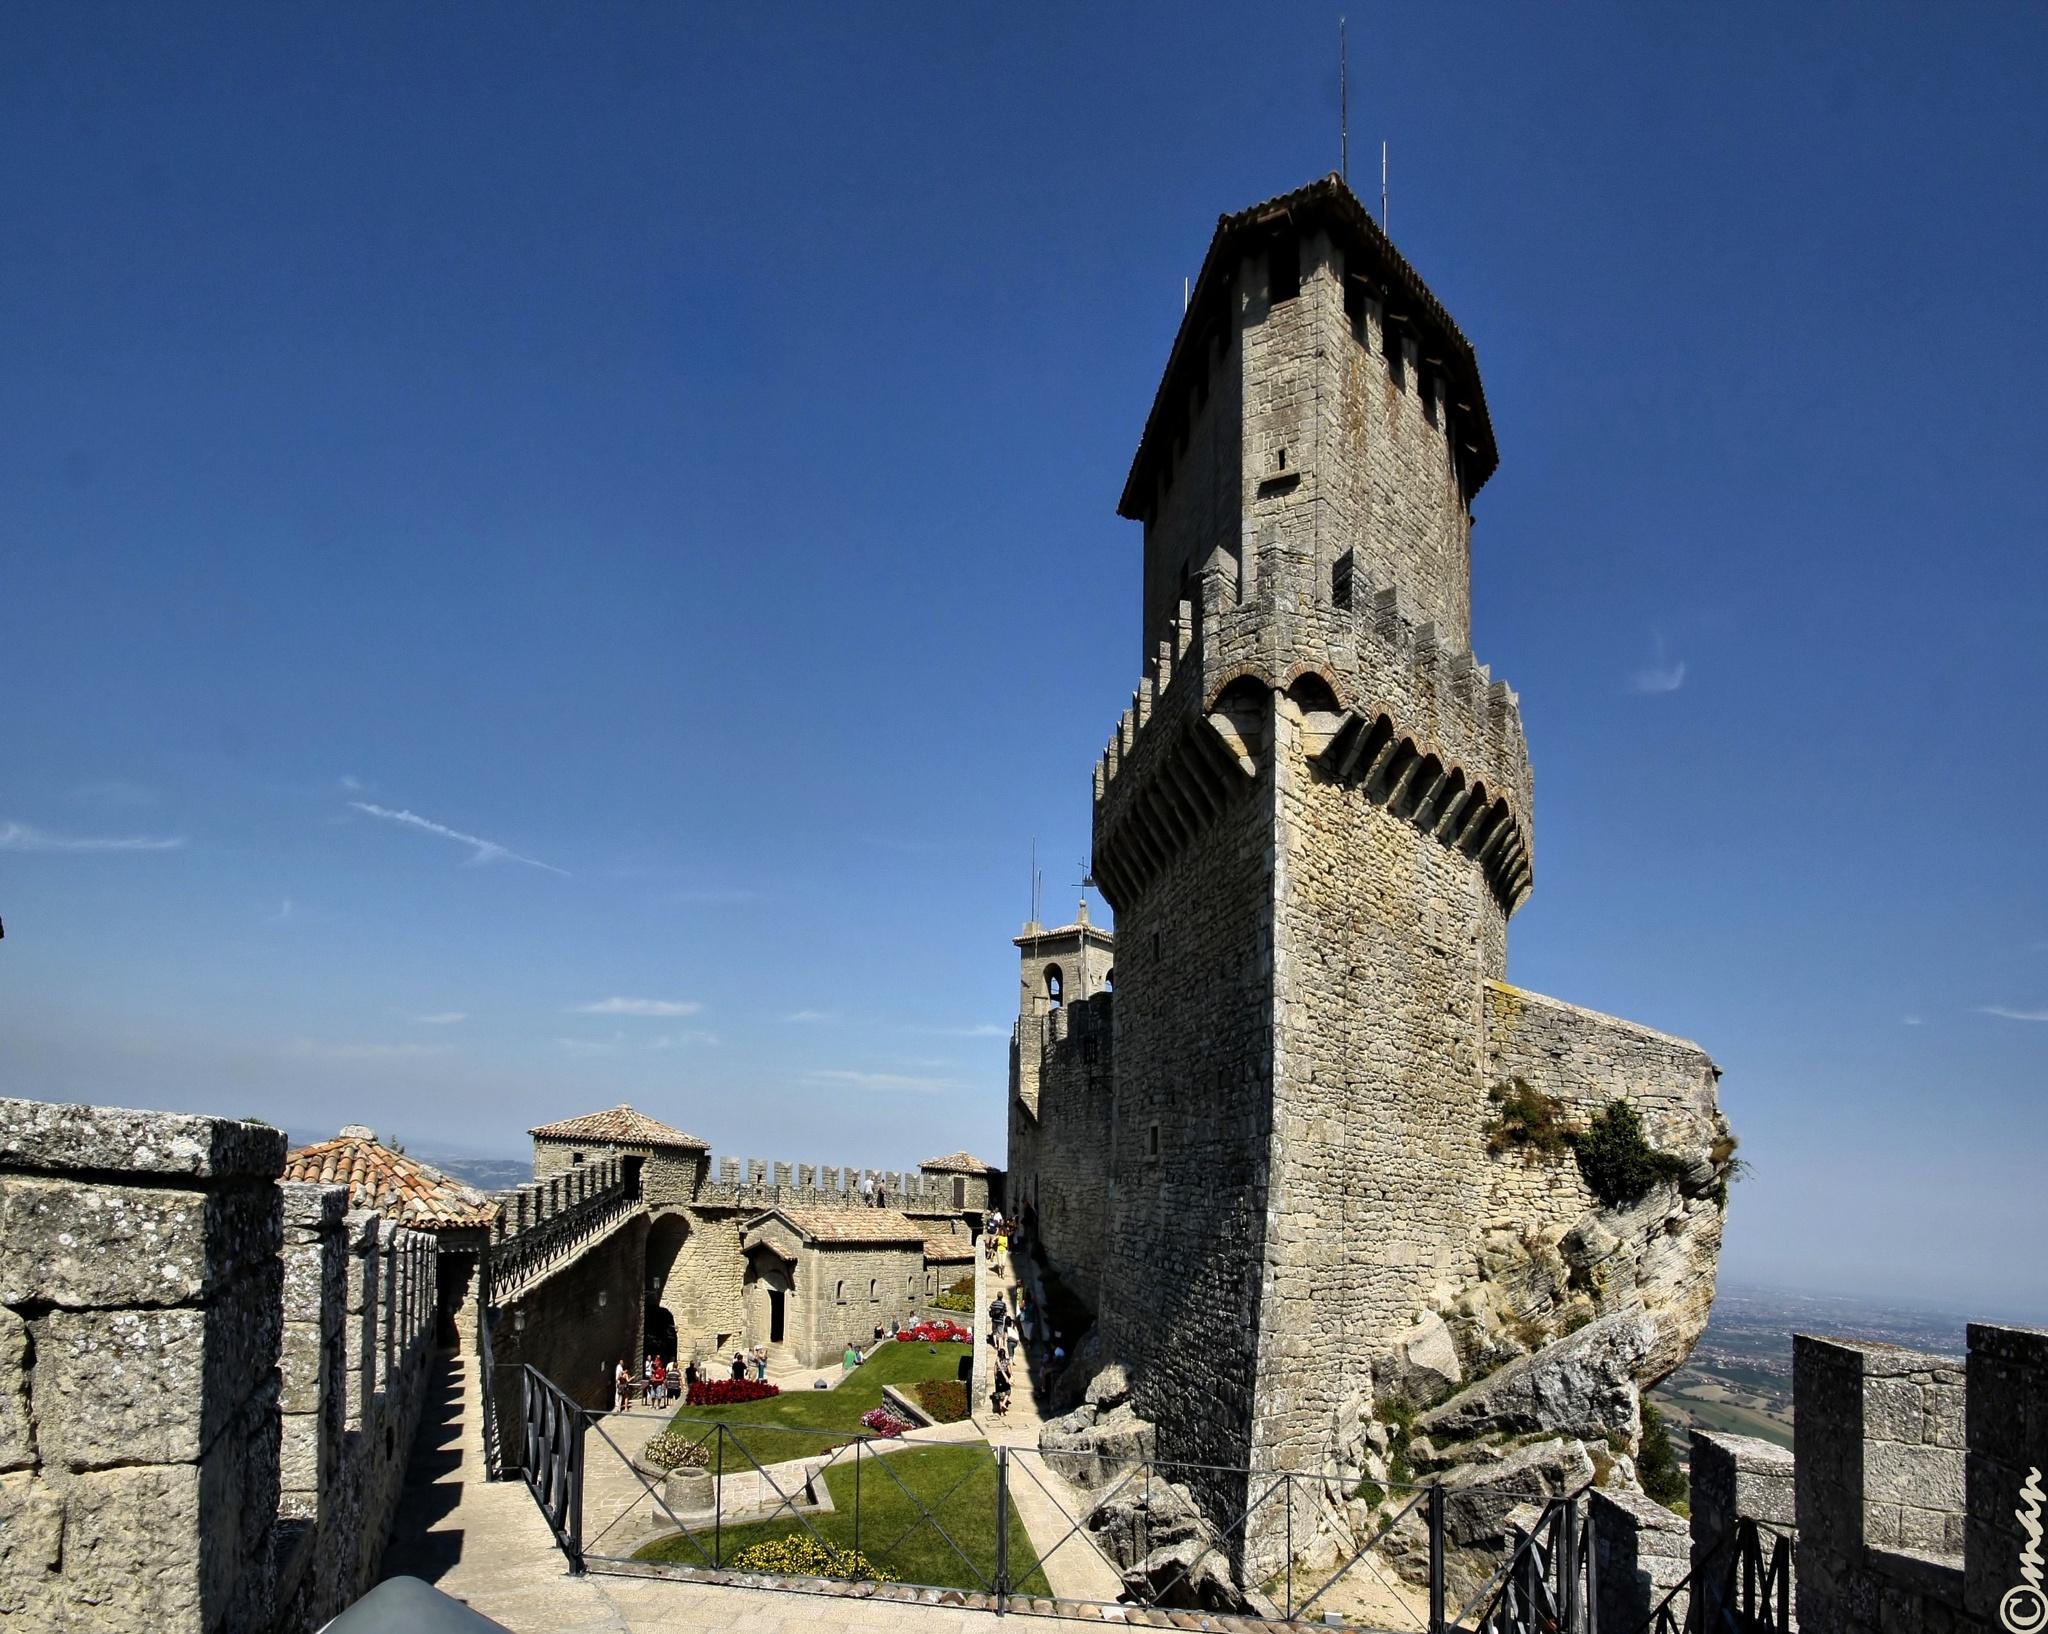 IL castello sul Monte Titano - Repubblica di San Marino by Mariano Arizzi Novelli